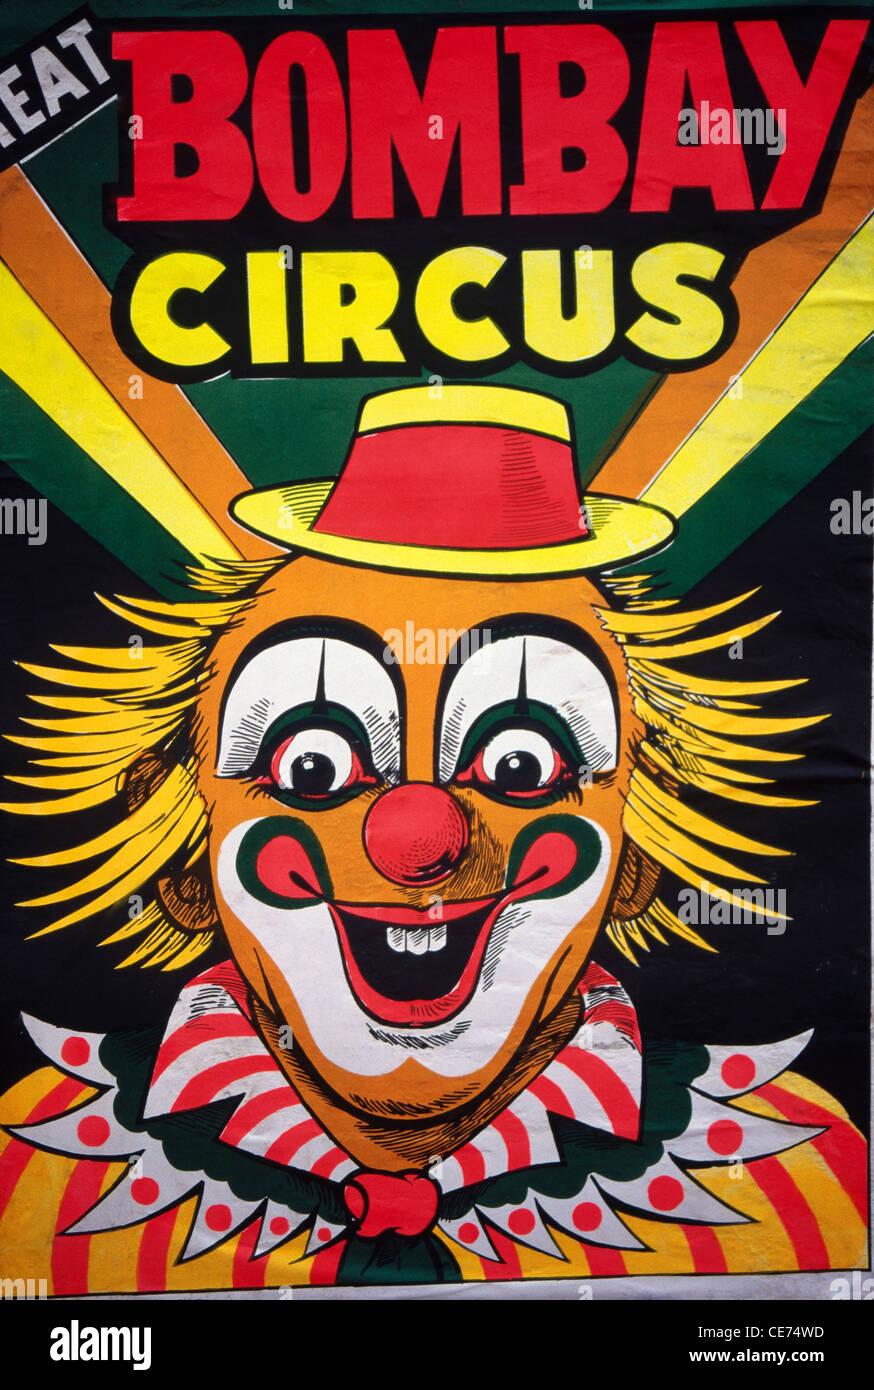 Circus posters stock photos circus posters stock images - Circus joker wallpaper ...